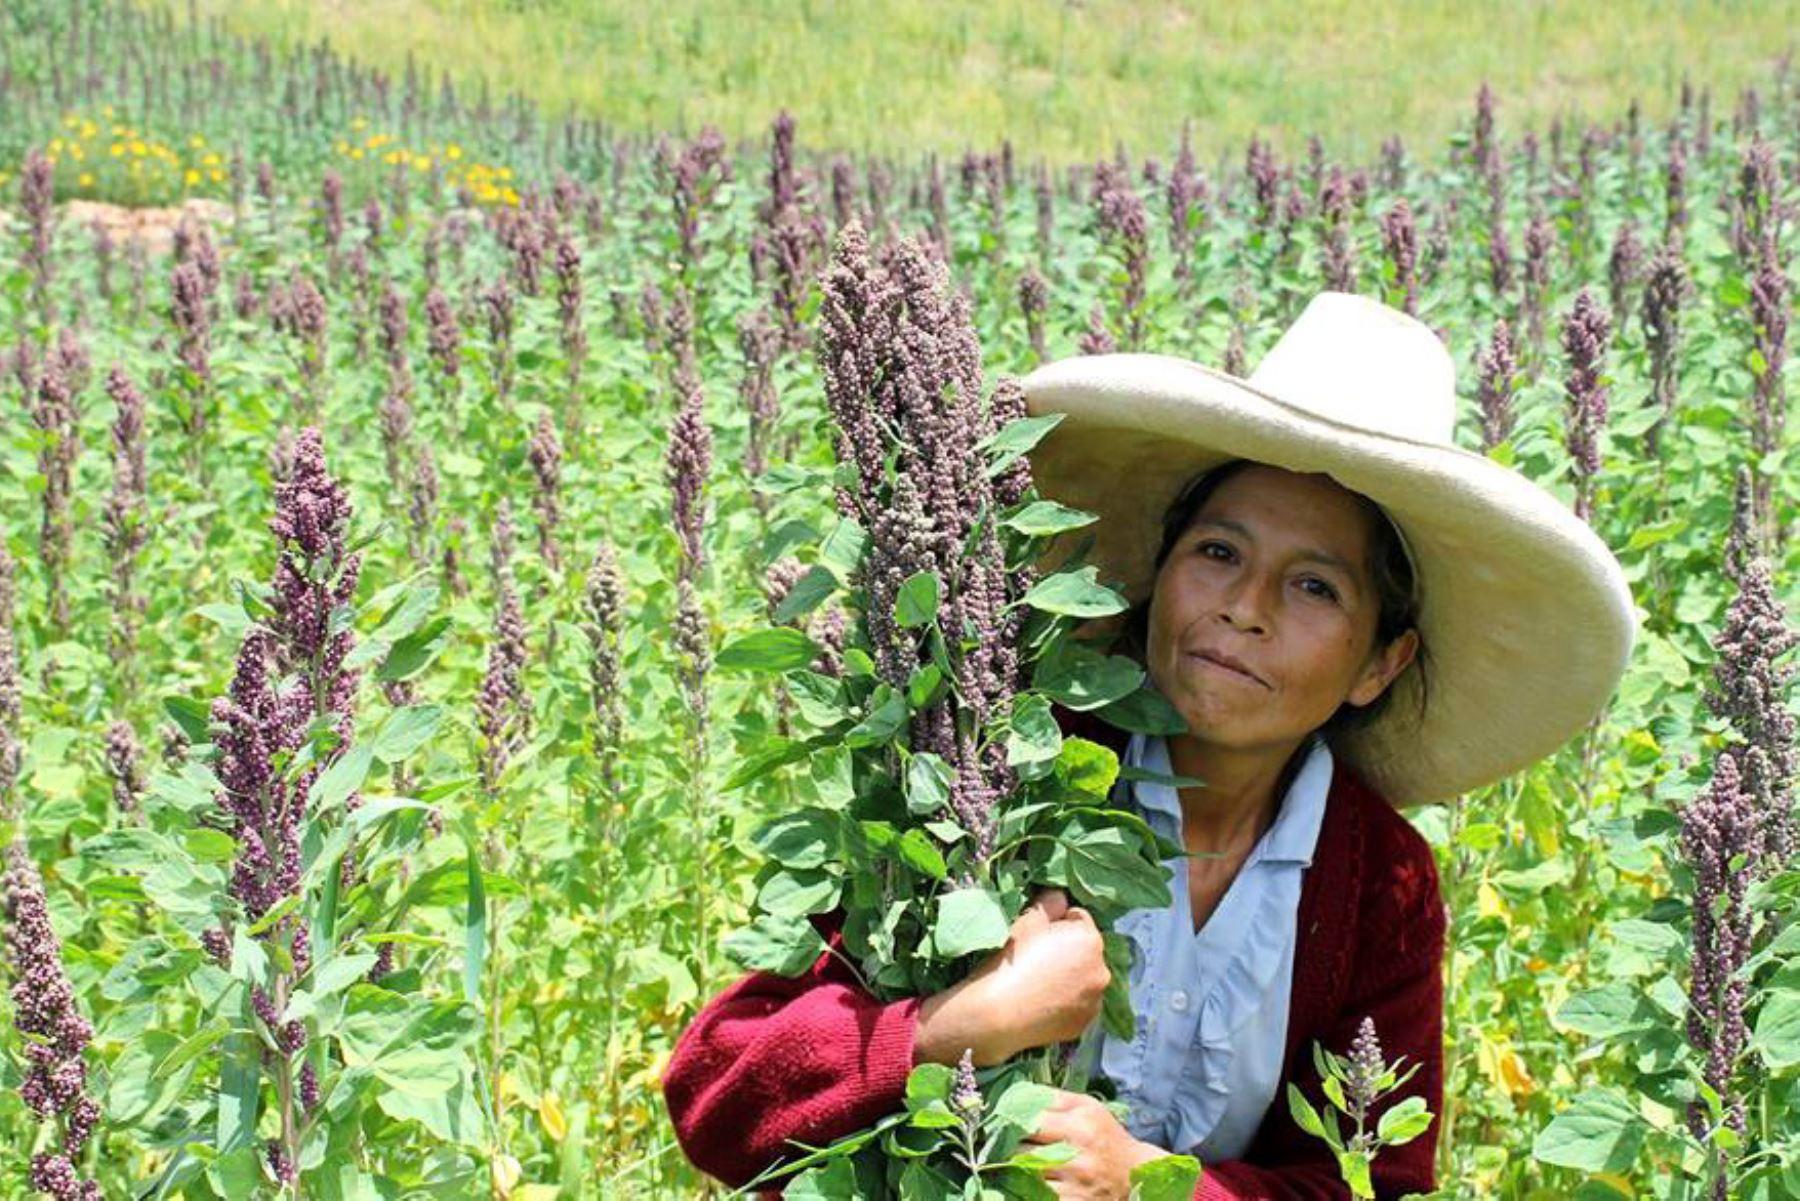 La ventaja de la quinua orgánica de Cajamarca, comparada con la de otras regiones, es que tiene un grano más grande.